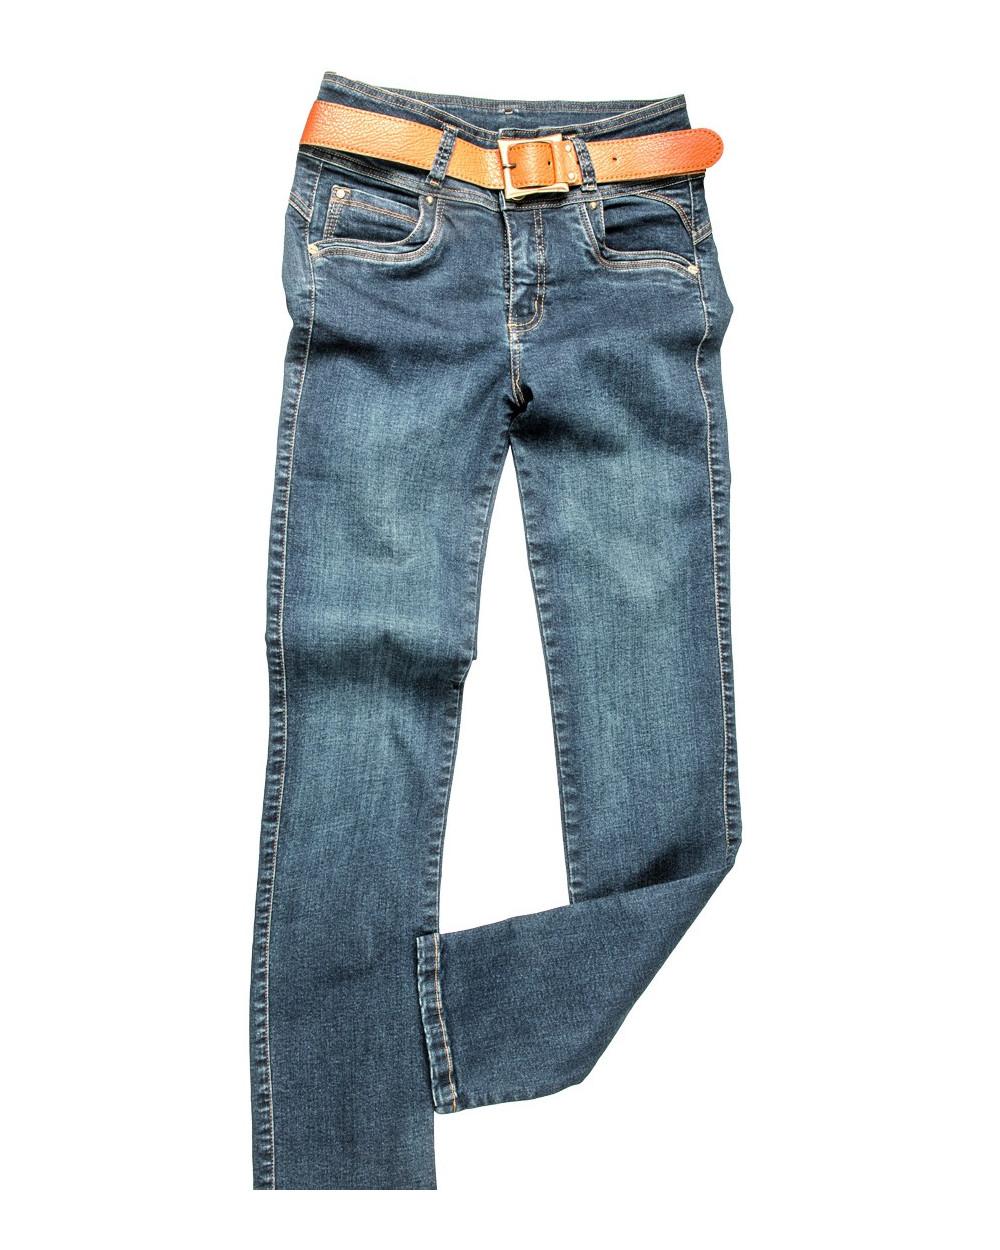 Metal Pant Cintura Denim Dariana